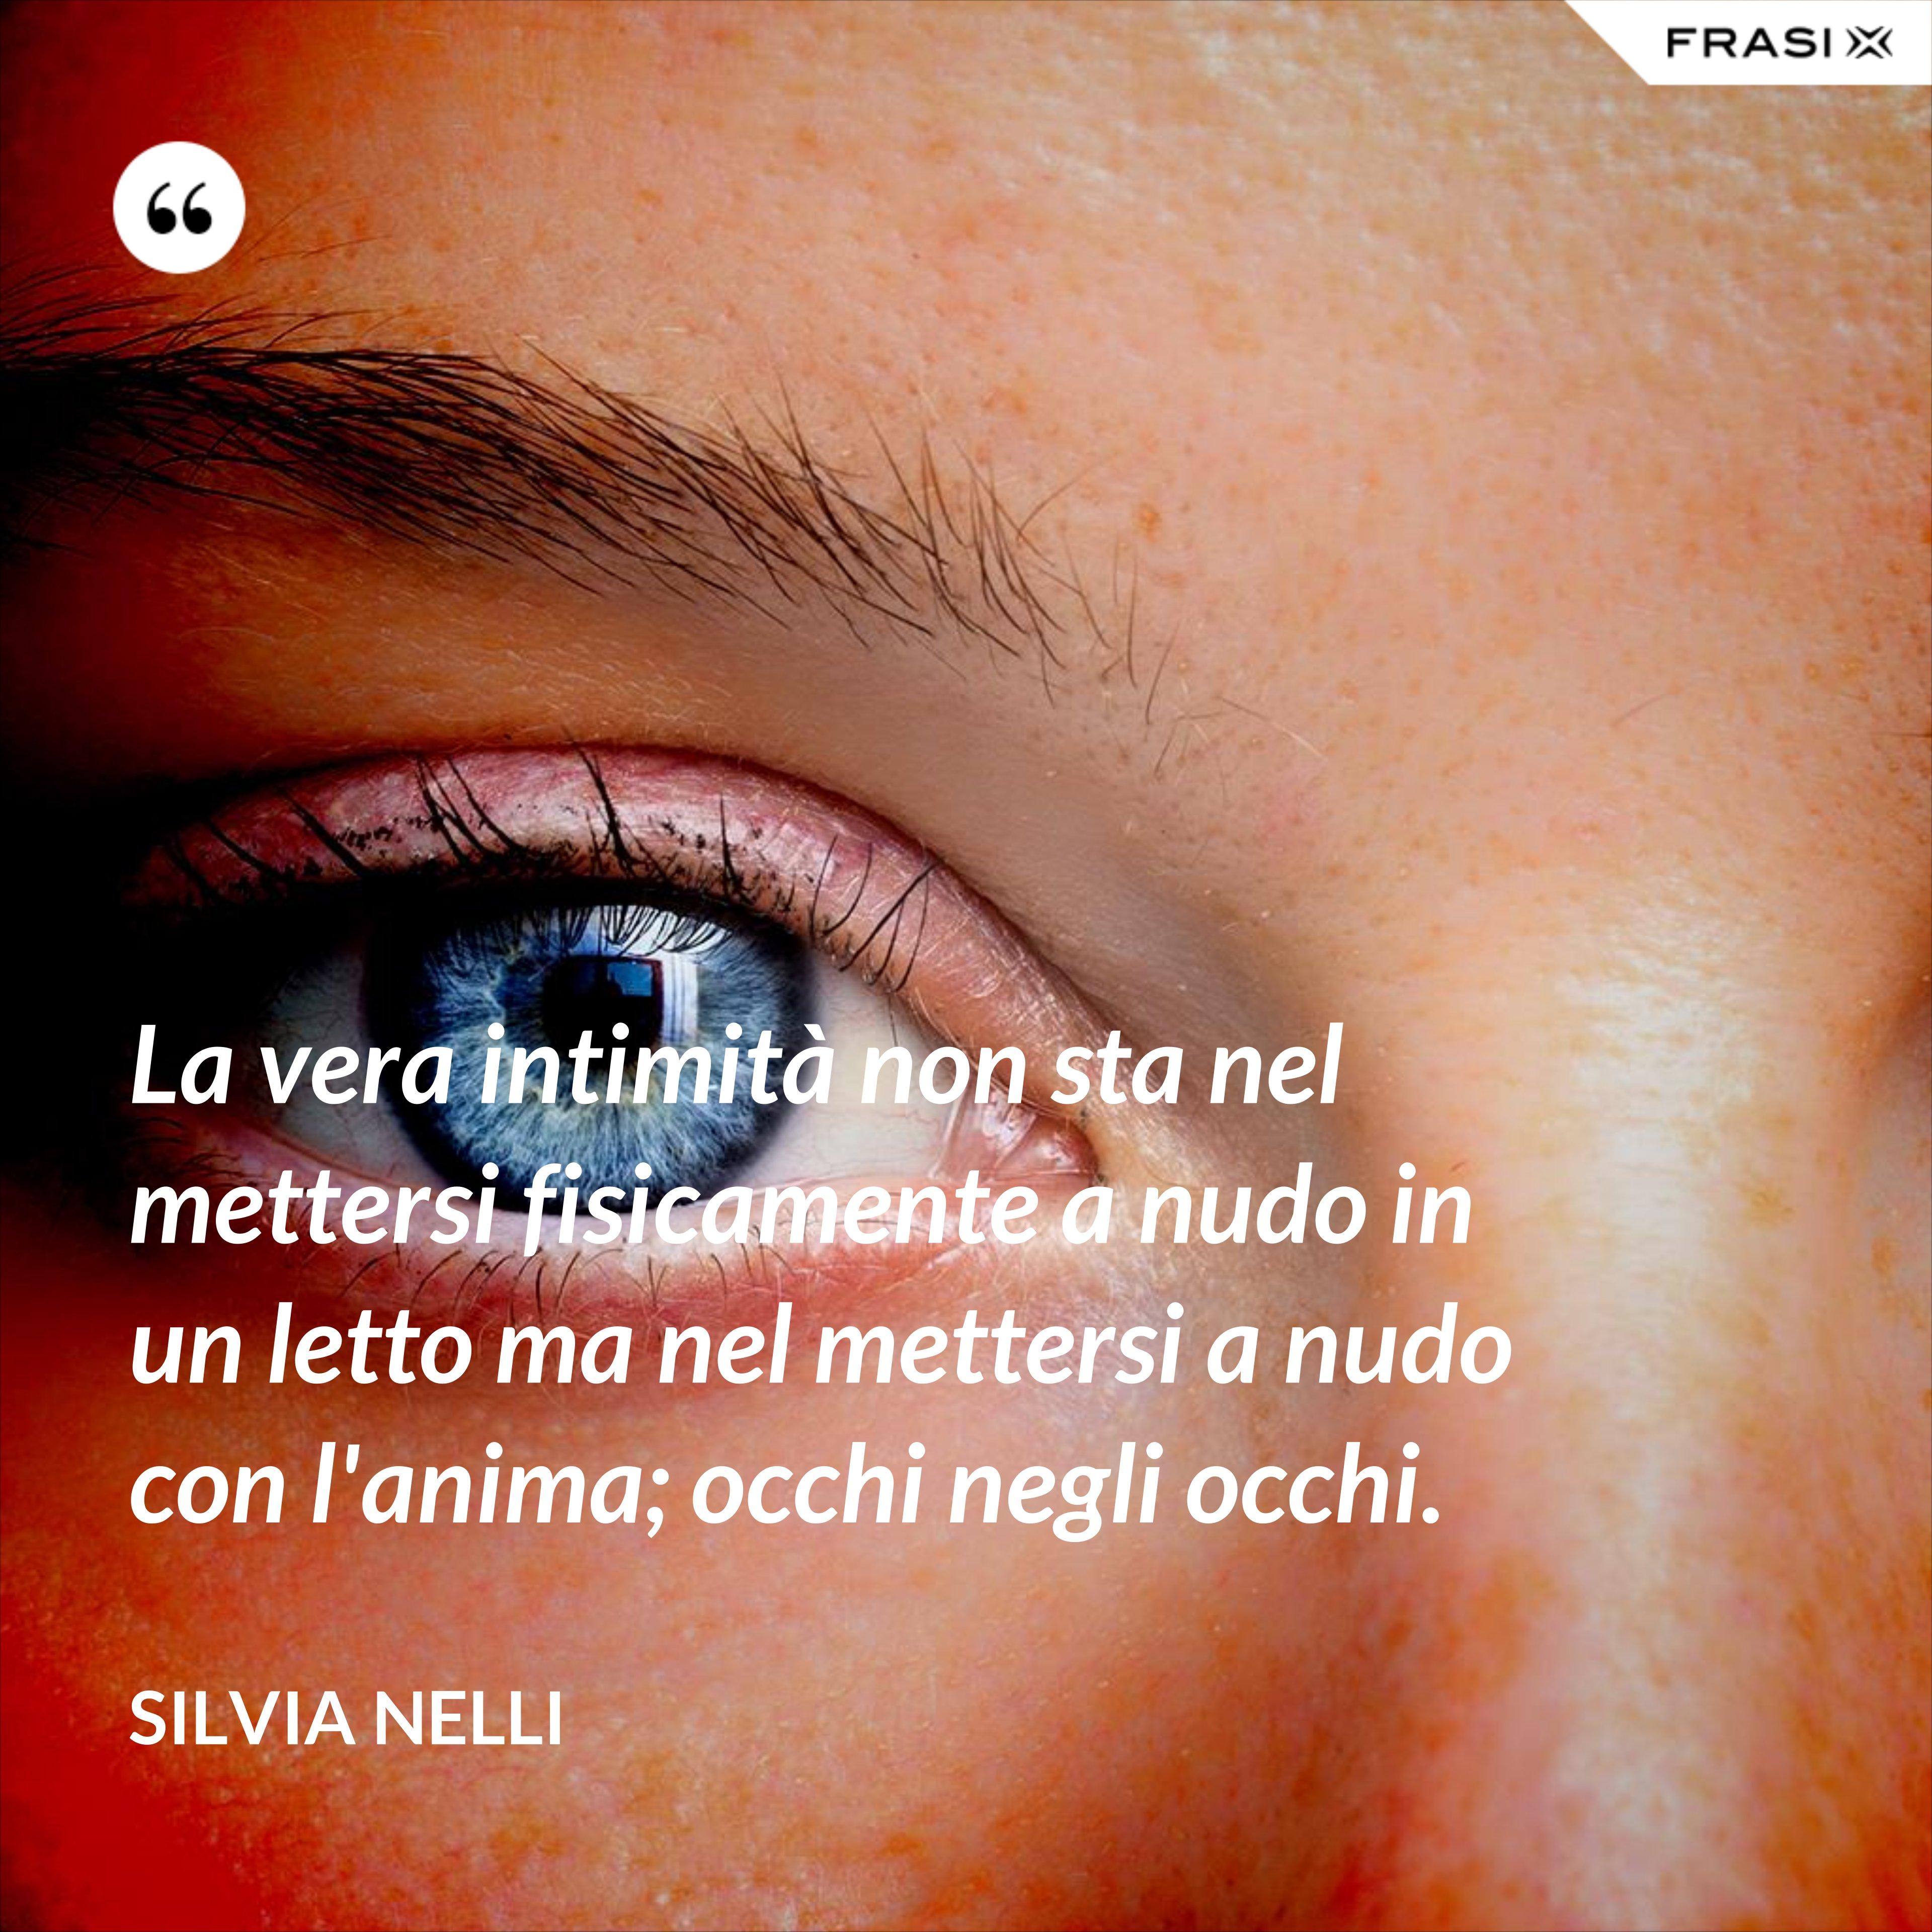 La vera intimità non sta nel mettersi fisicamente a nudo in un letto ma nel mettersi a nudo con l'anima; occhi negli occhi. - Silvia Nelli